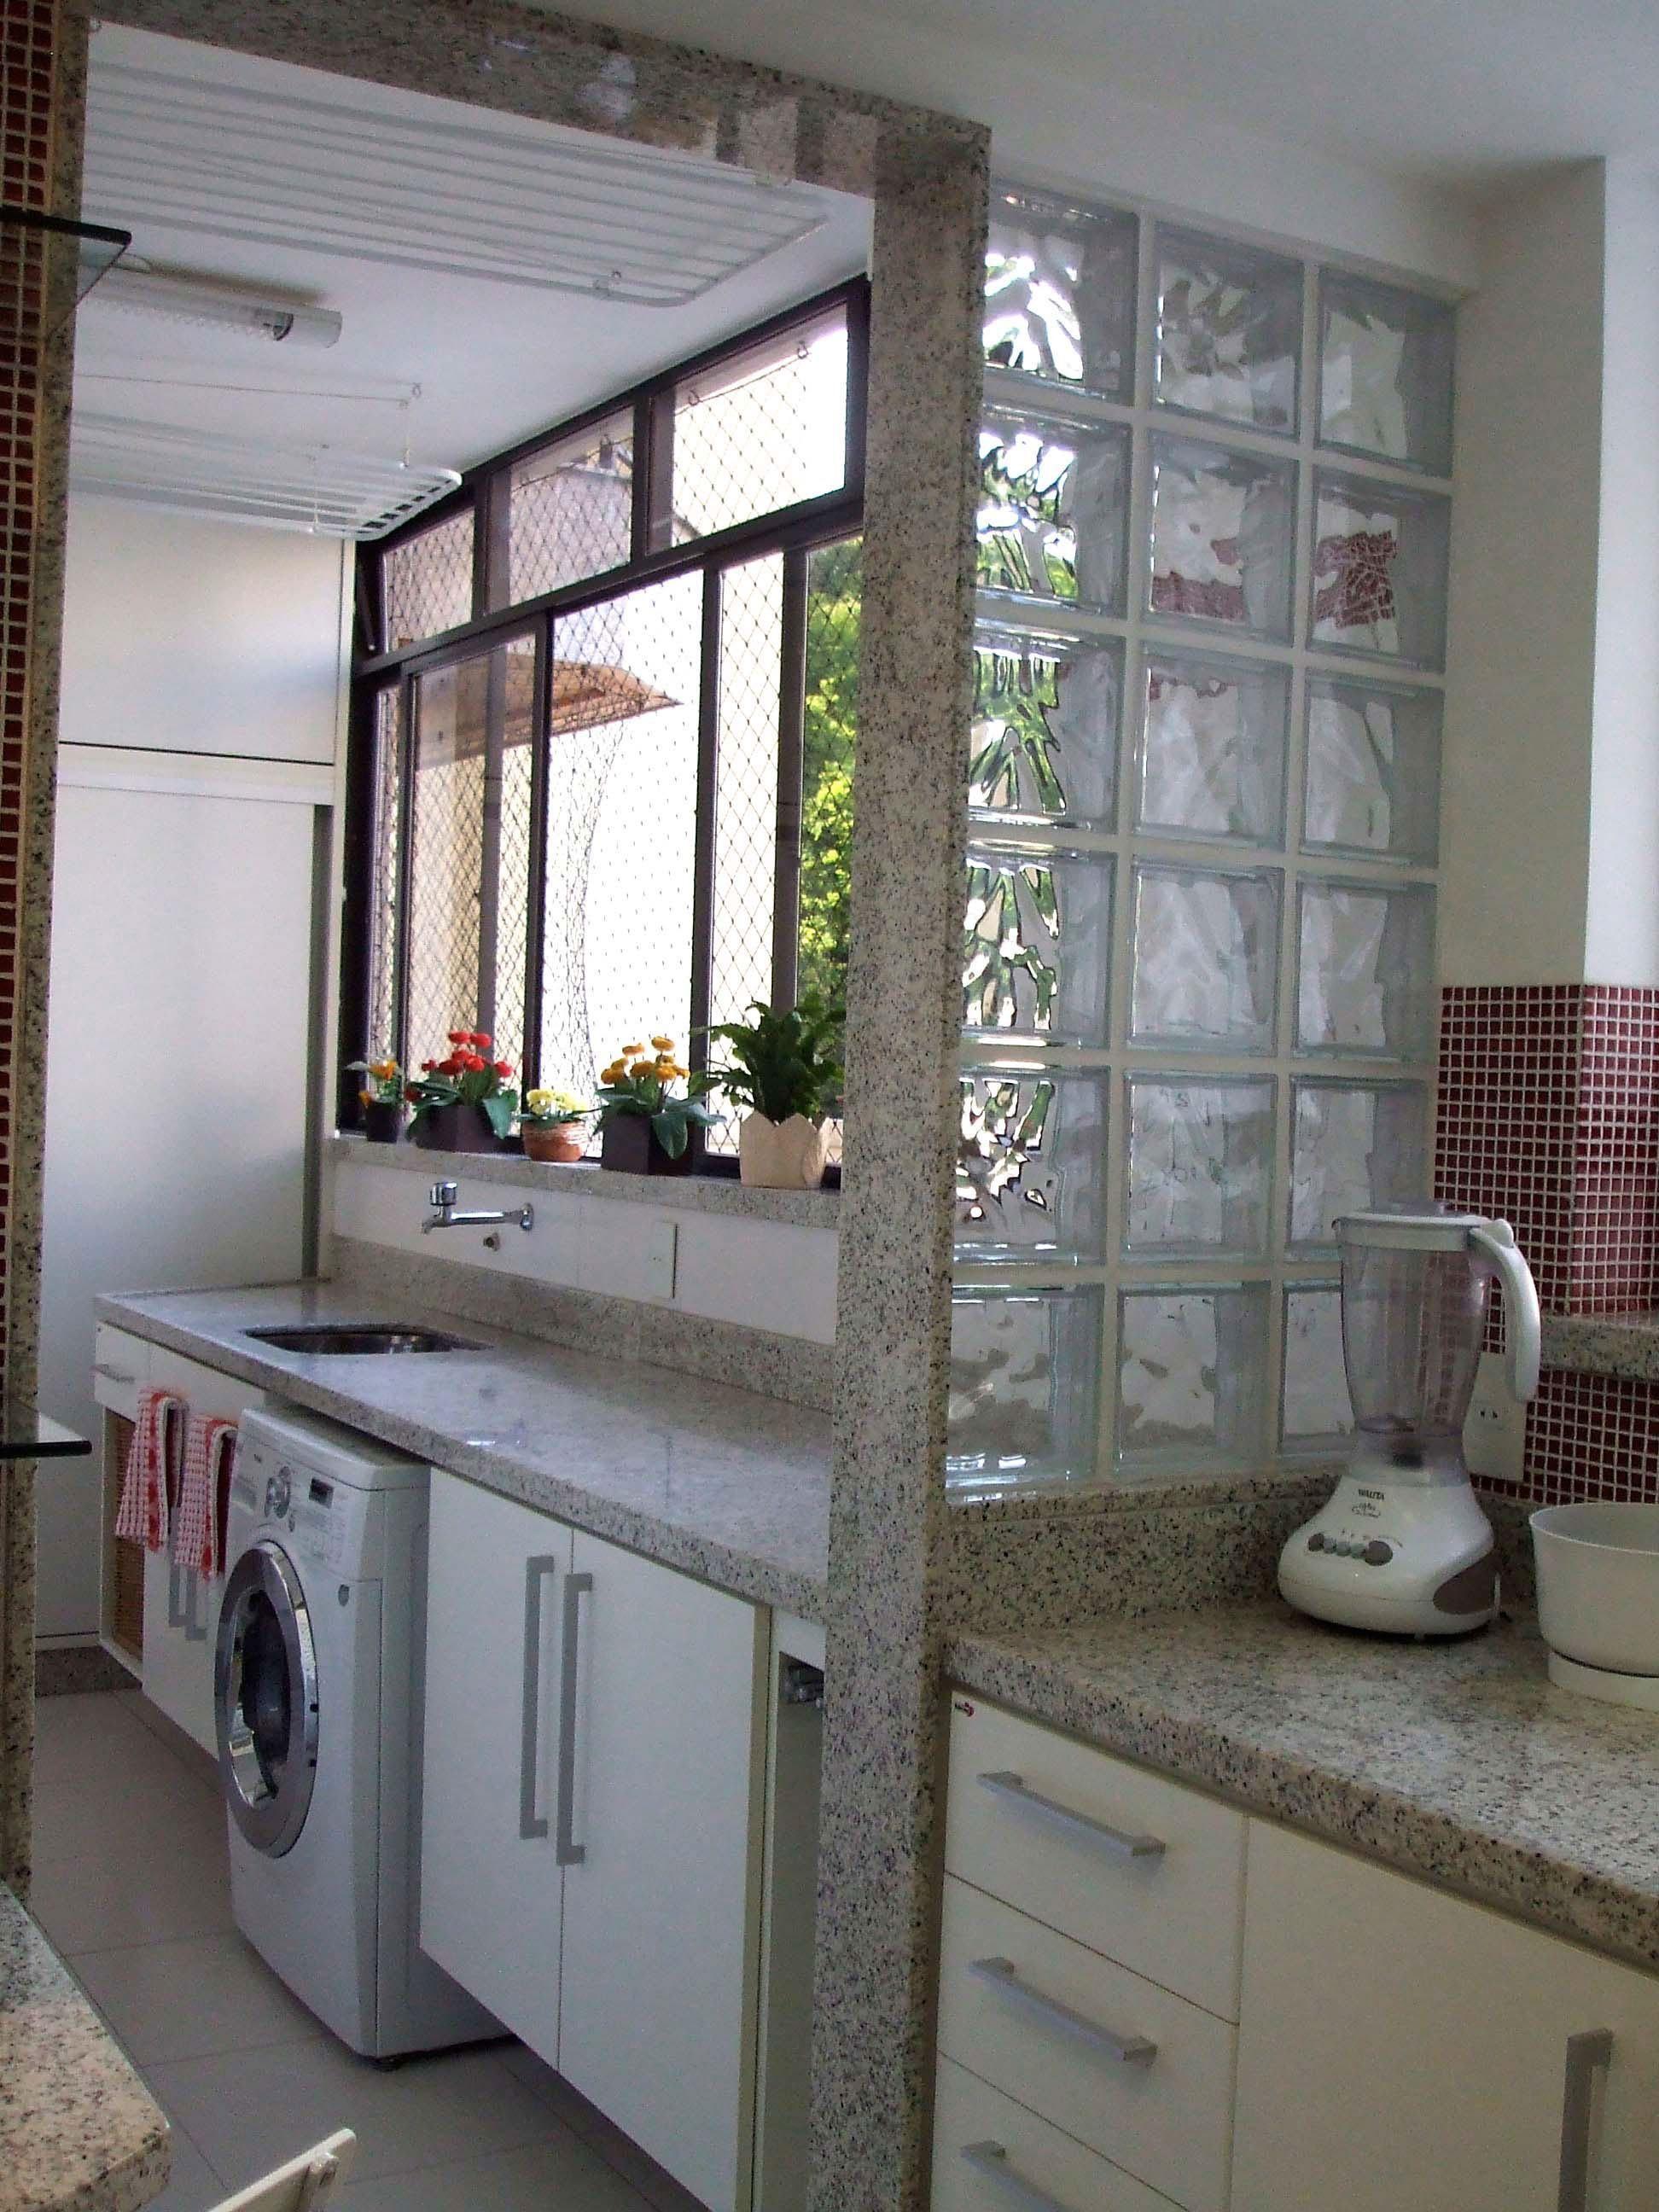 Tijolo De Vidro Modelos Pre Os E 60 Fotos Inspiradoras Cuarto  -> Tijolo De Vidro Marrom